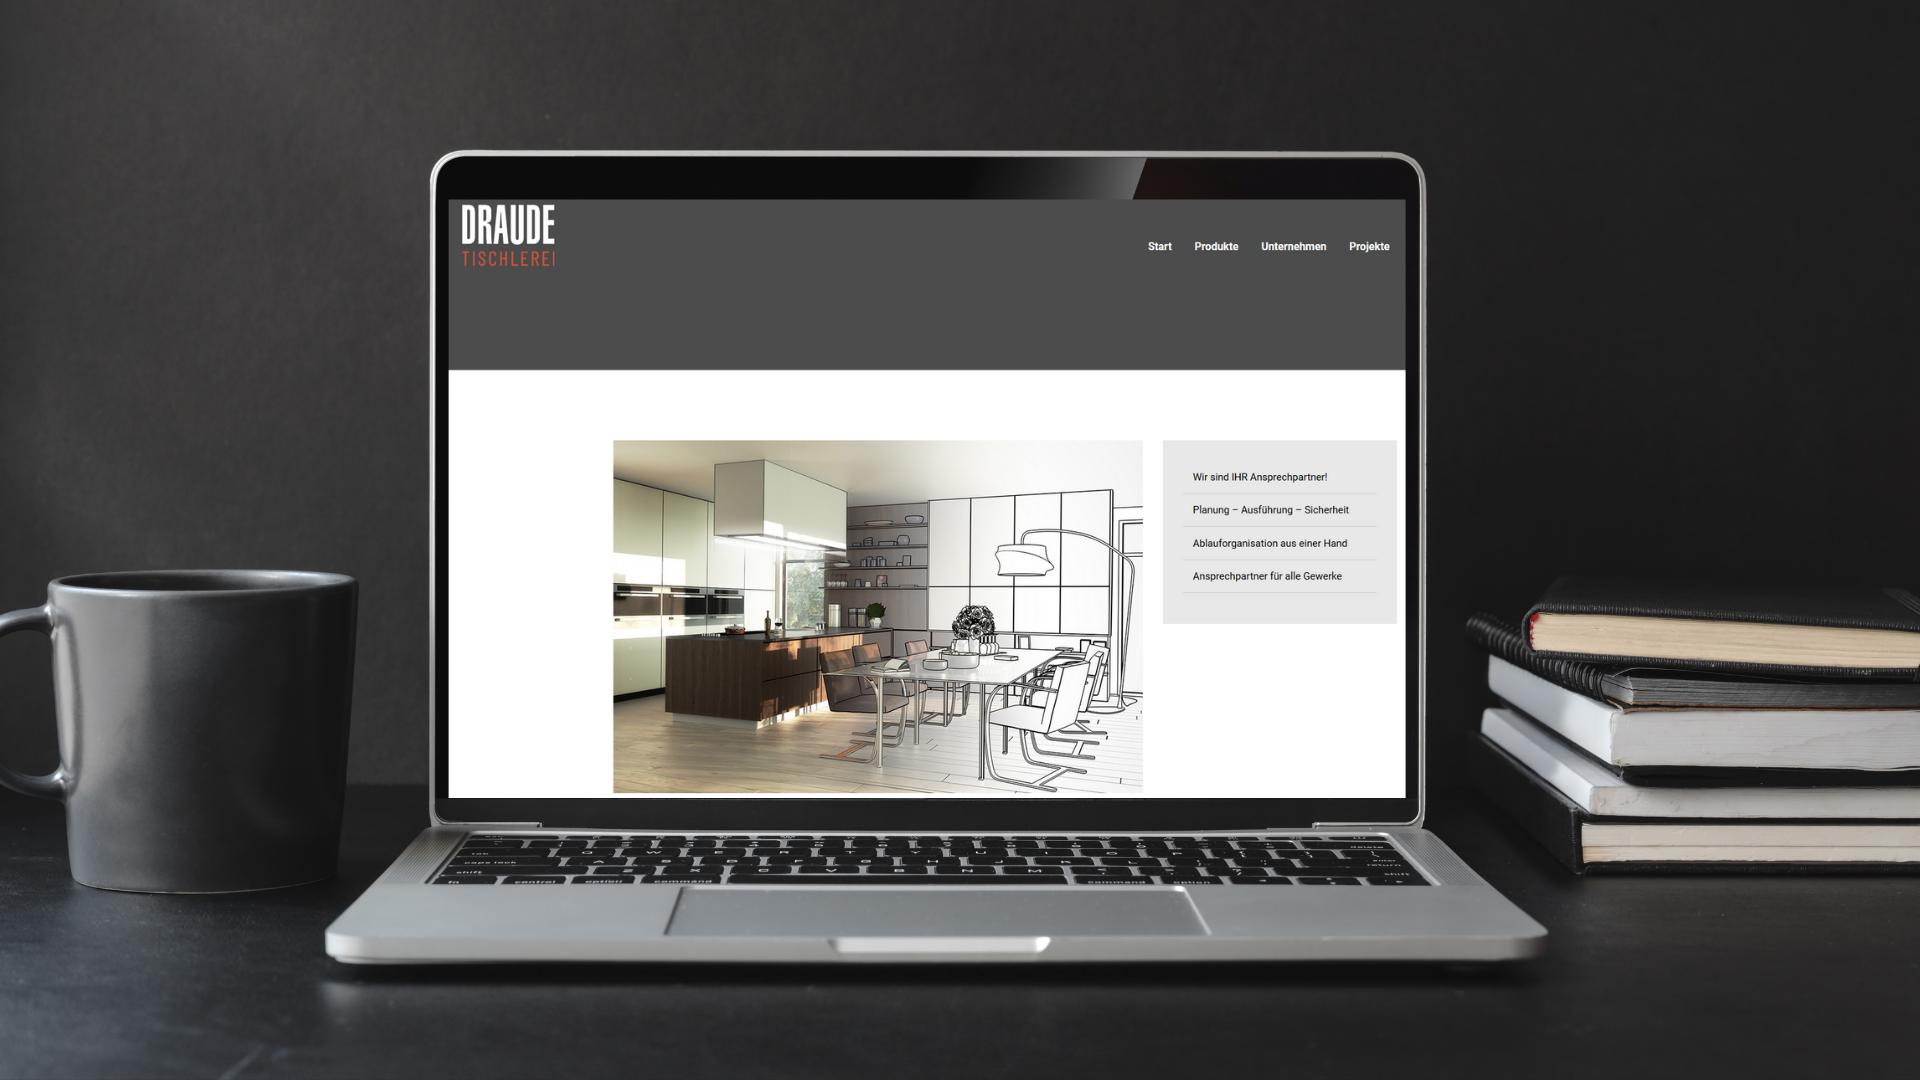 Draude Tischlerei Webseite